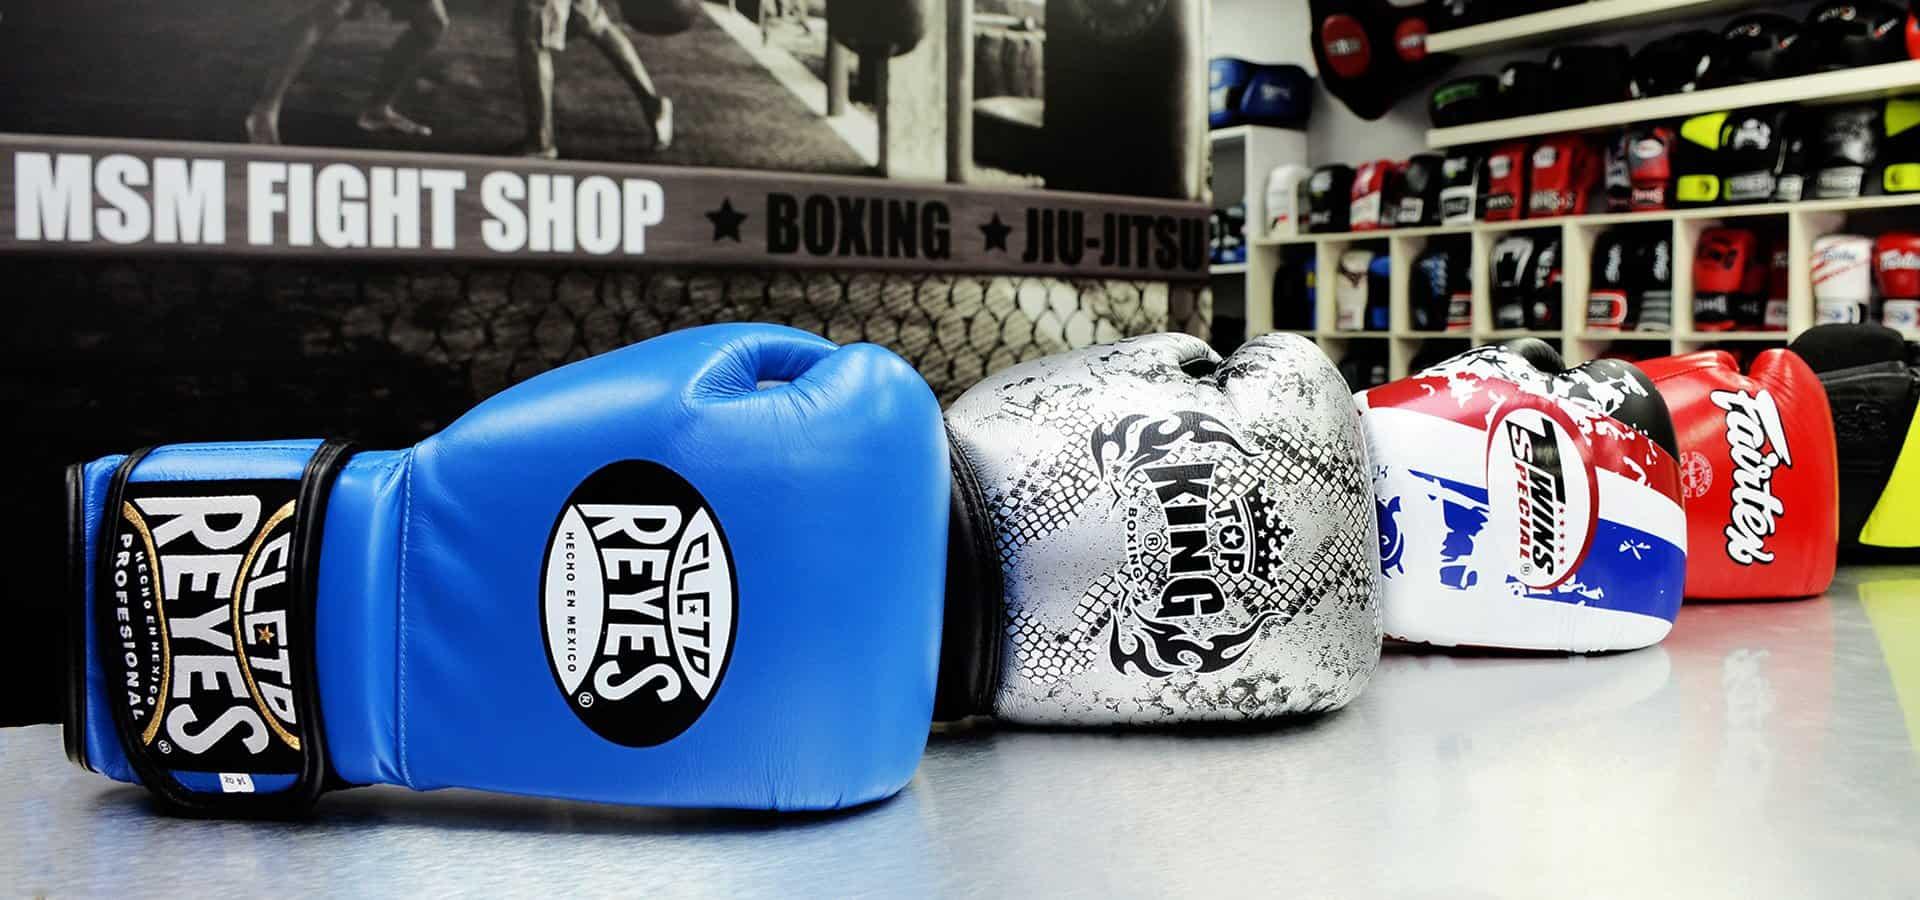 best boxing gloves uk